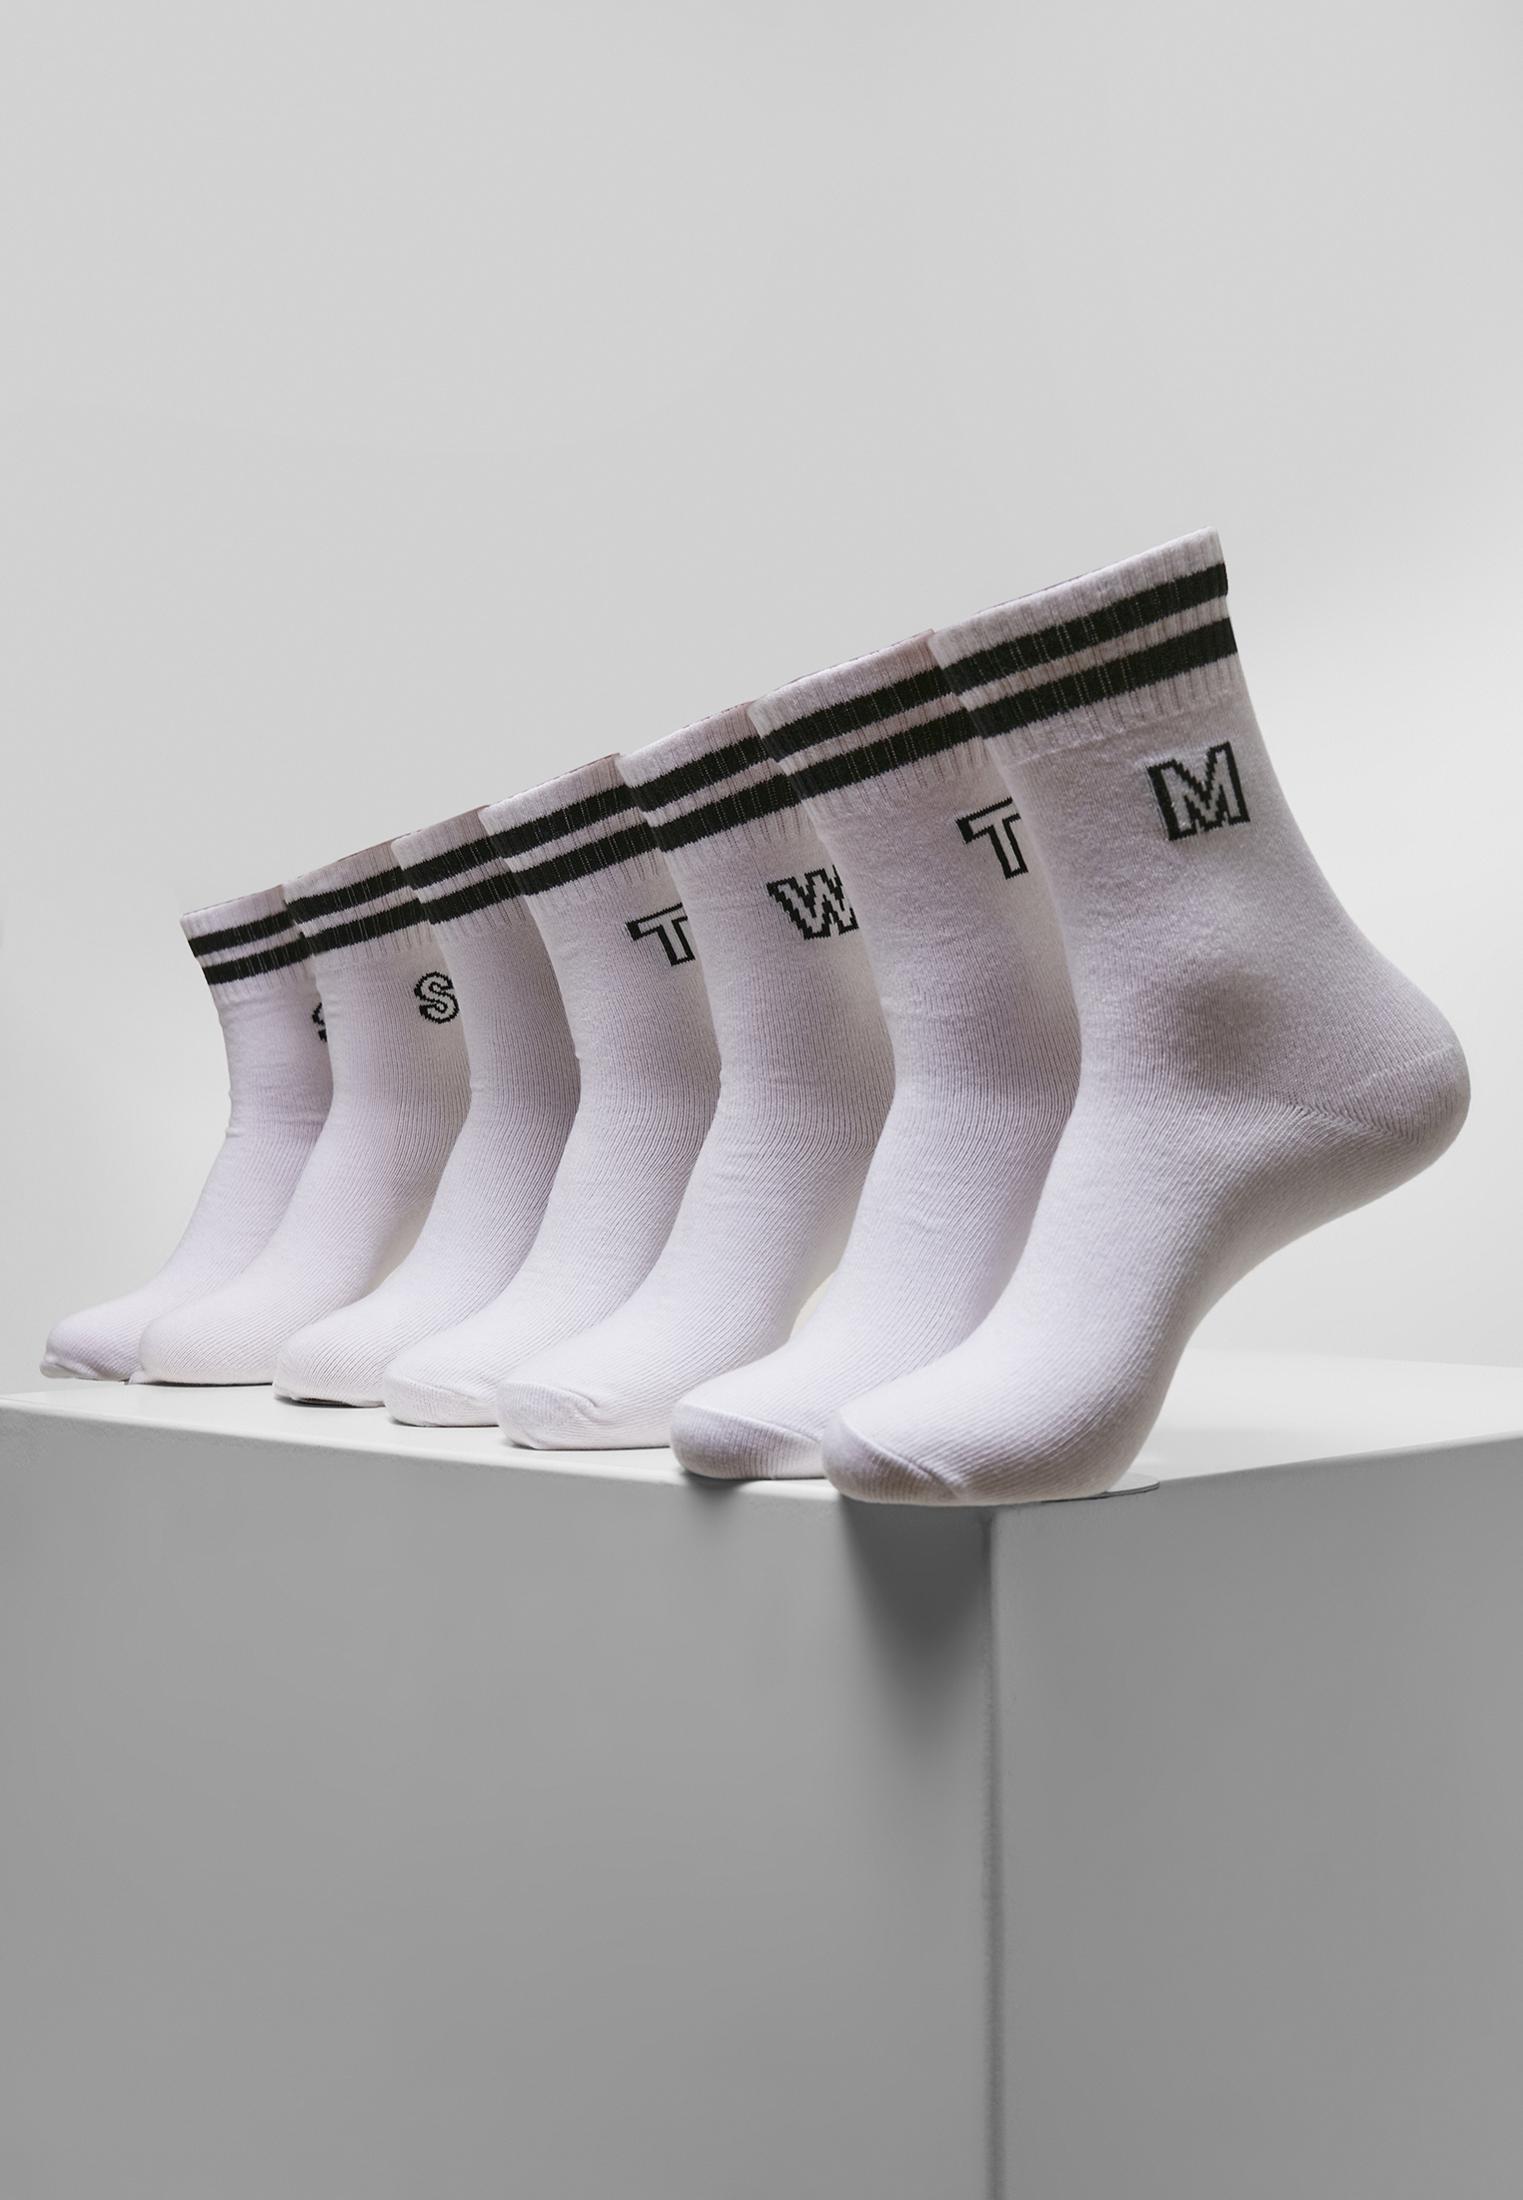 Urban Classics College Letter Socks 7-Pack white - 43-46